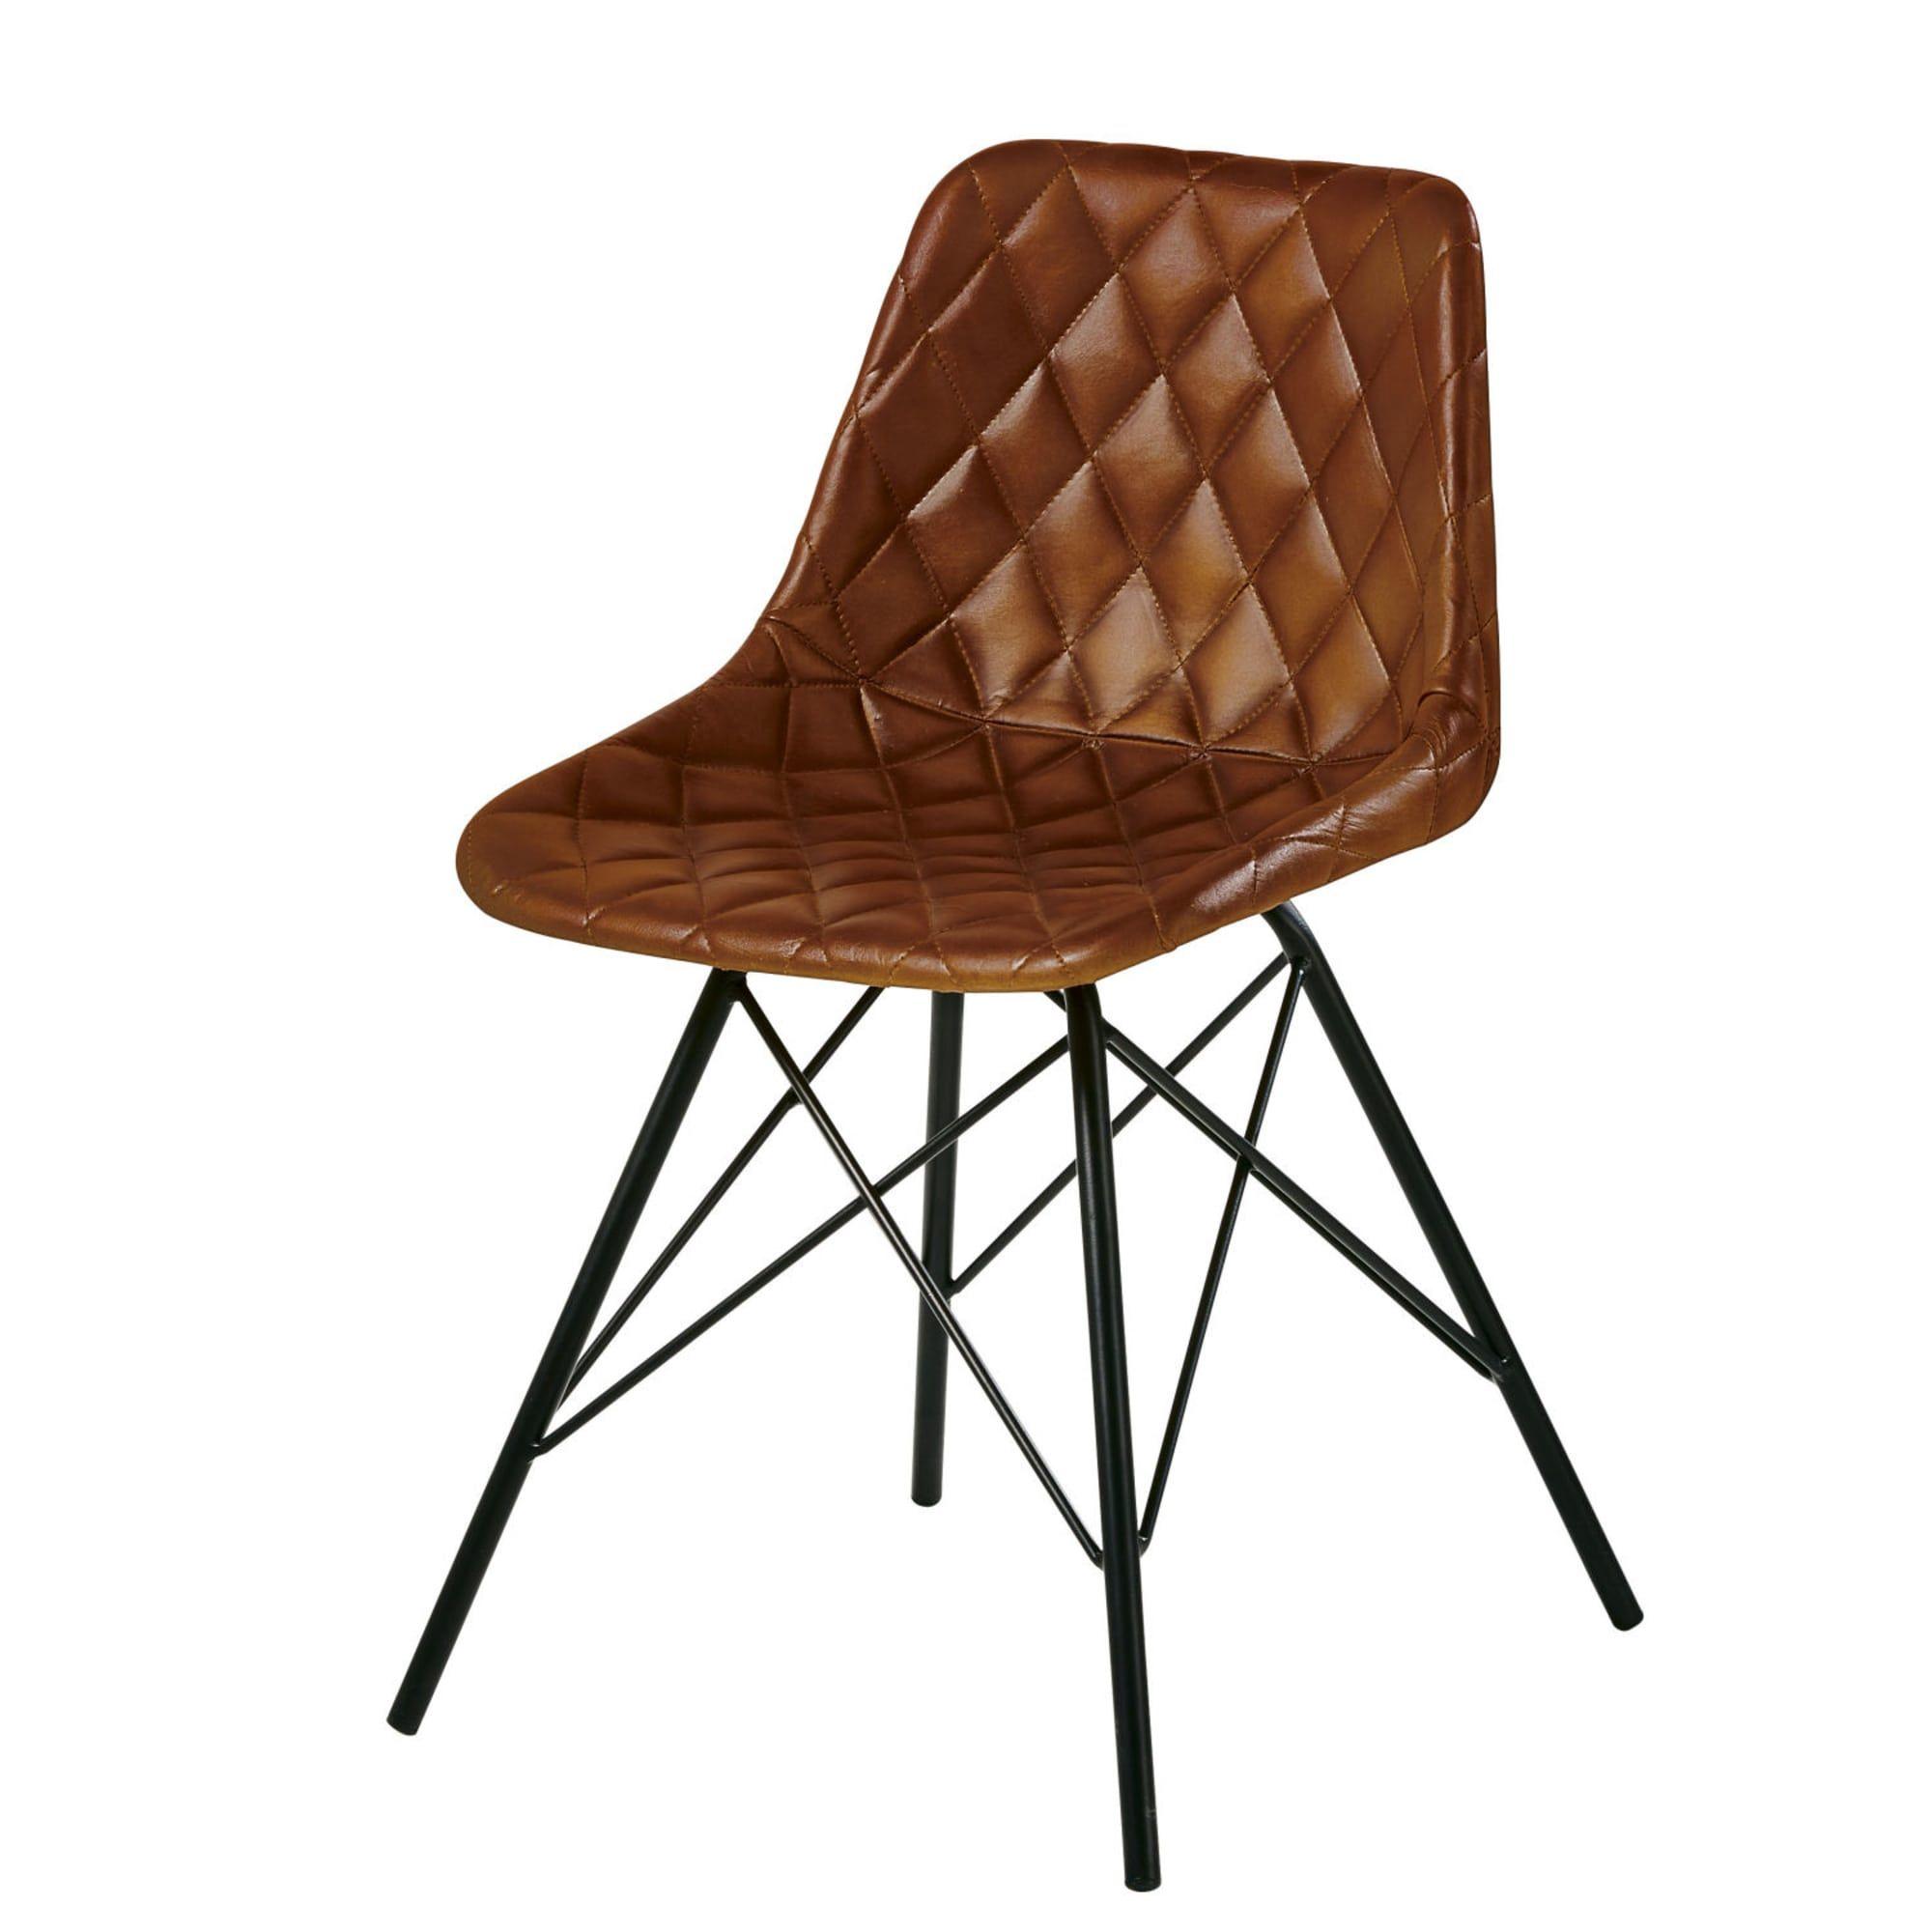 Stuhl Im Industrial Stil Aus Gestepptem Leder Braun Austerlitz Blaue Samtstuhle Stuhle Stuhl Leder